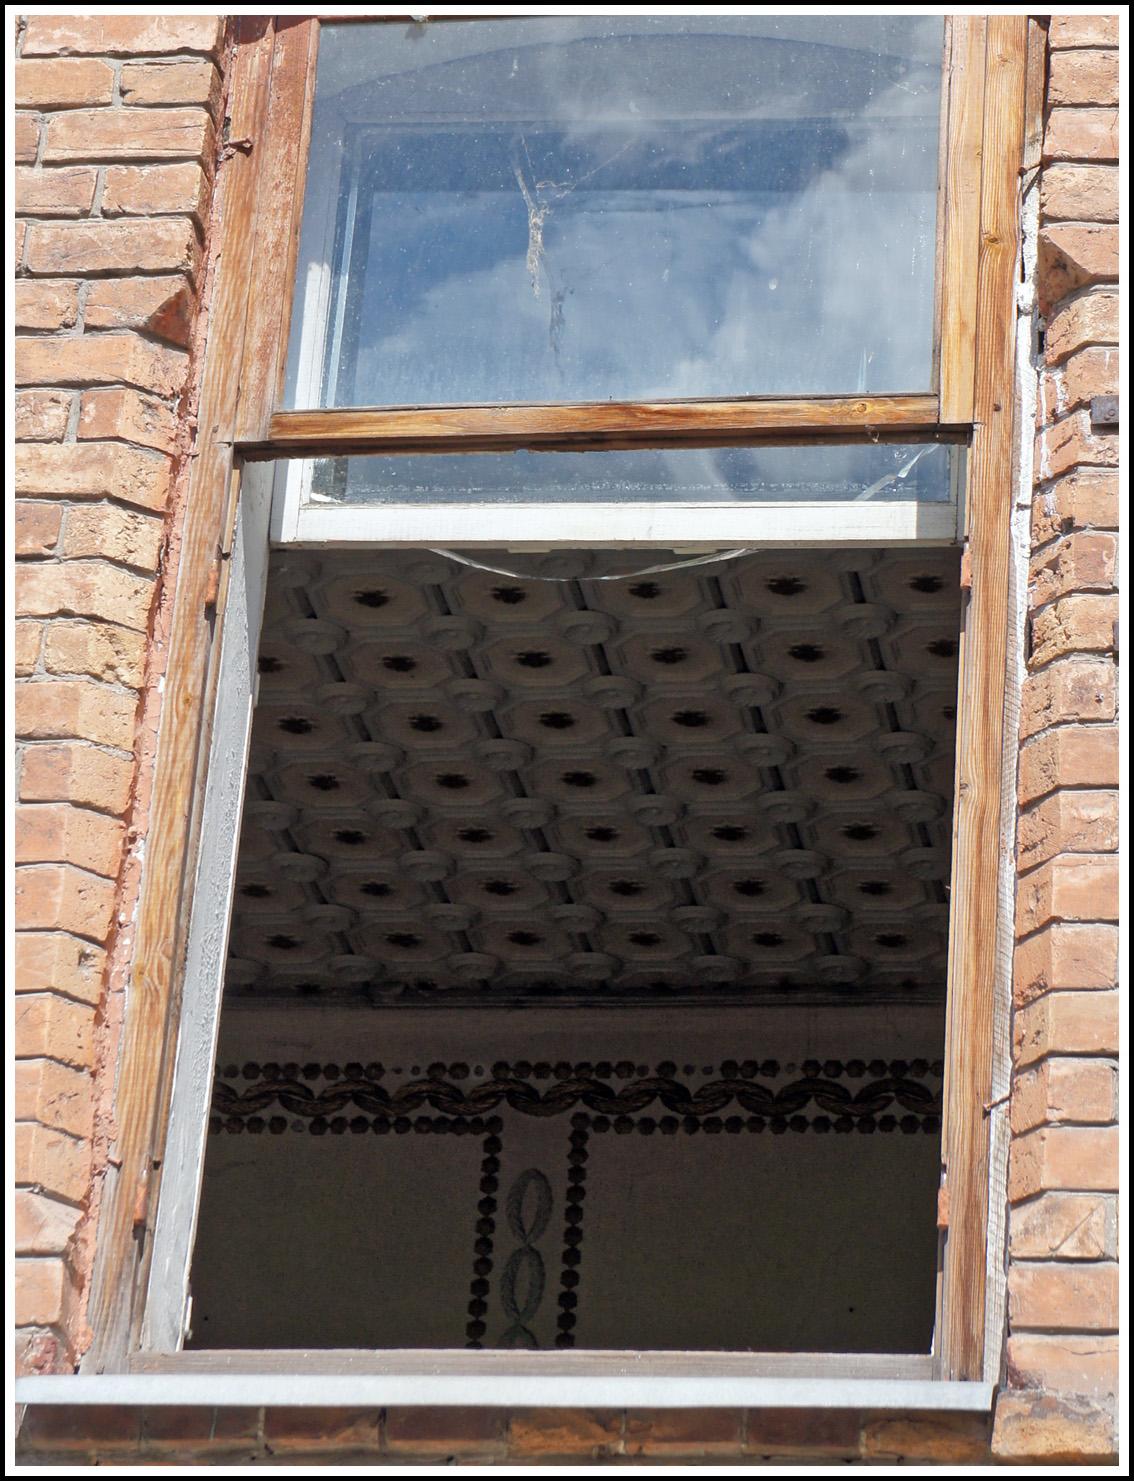 заглянув в окно, можно увидеь сохранившиеся детали богатого интеоьера